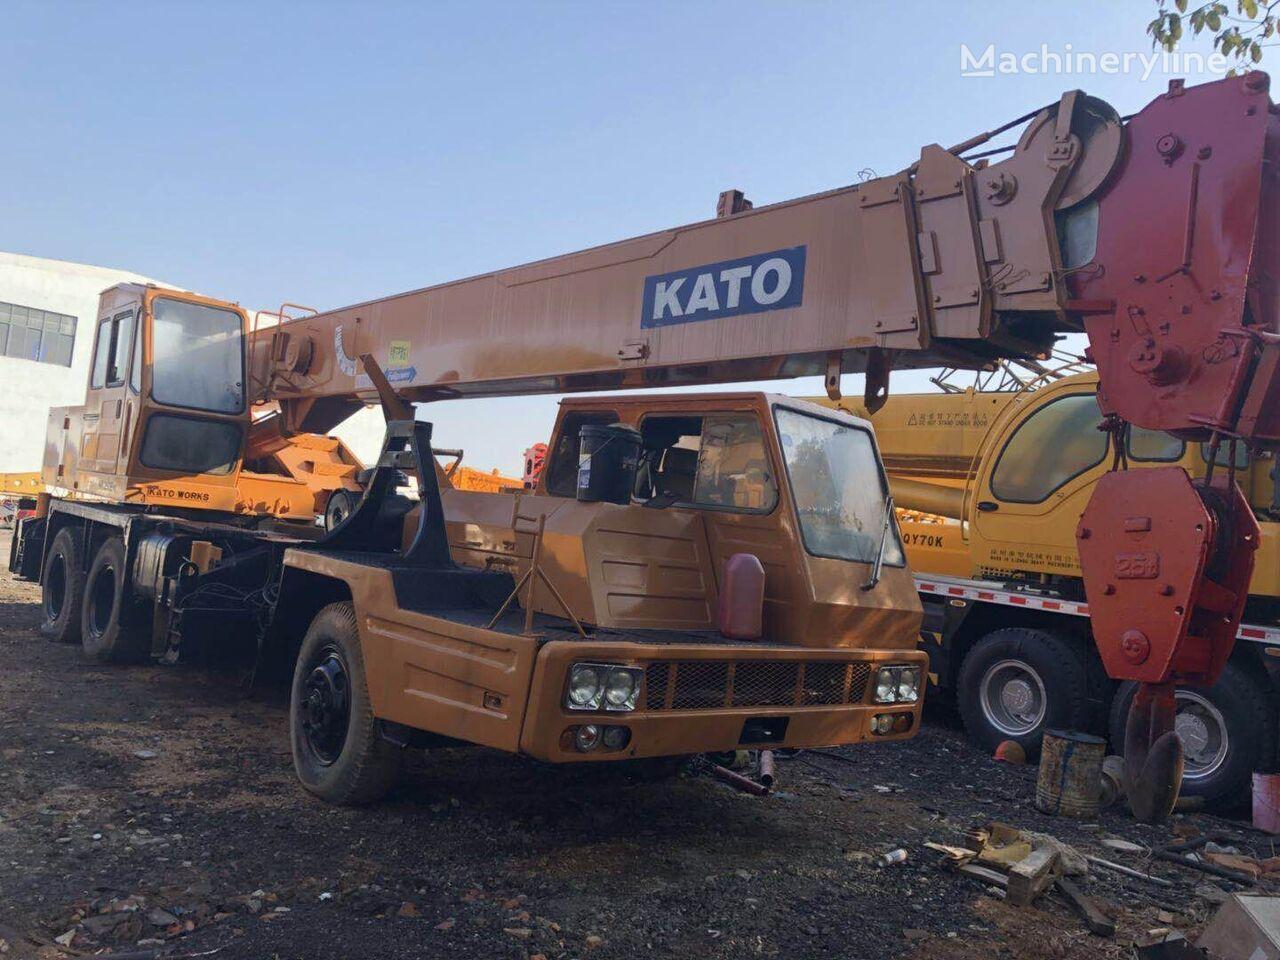 KATO NK250E mobile crane